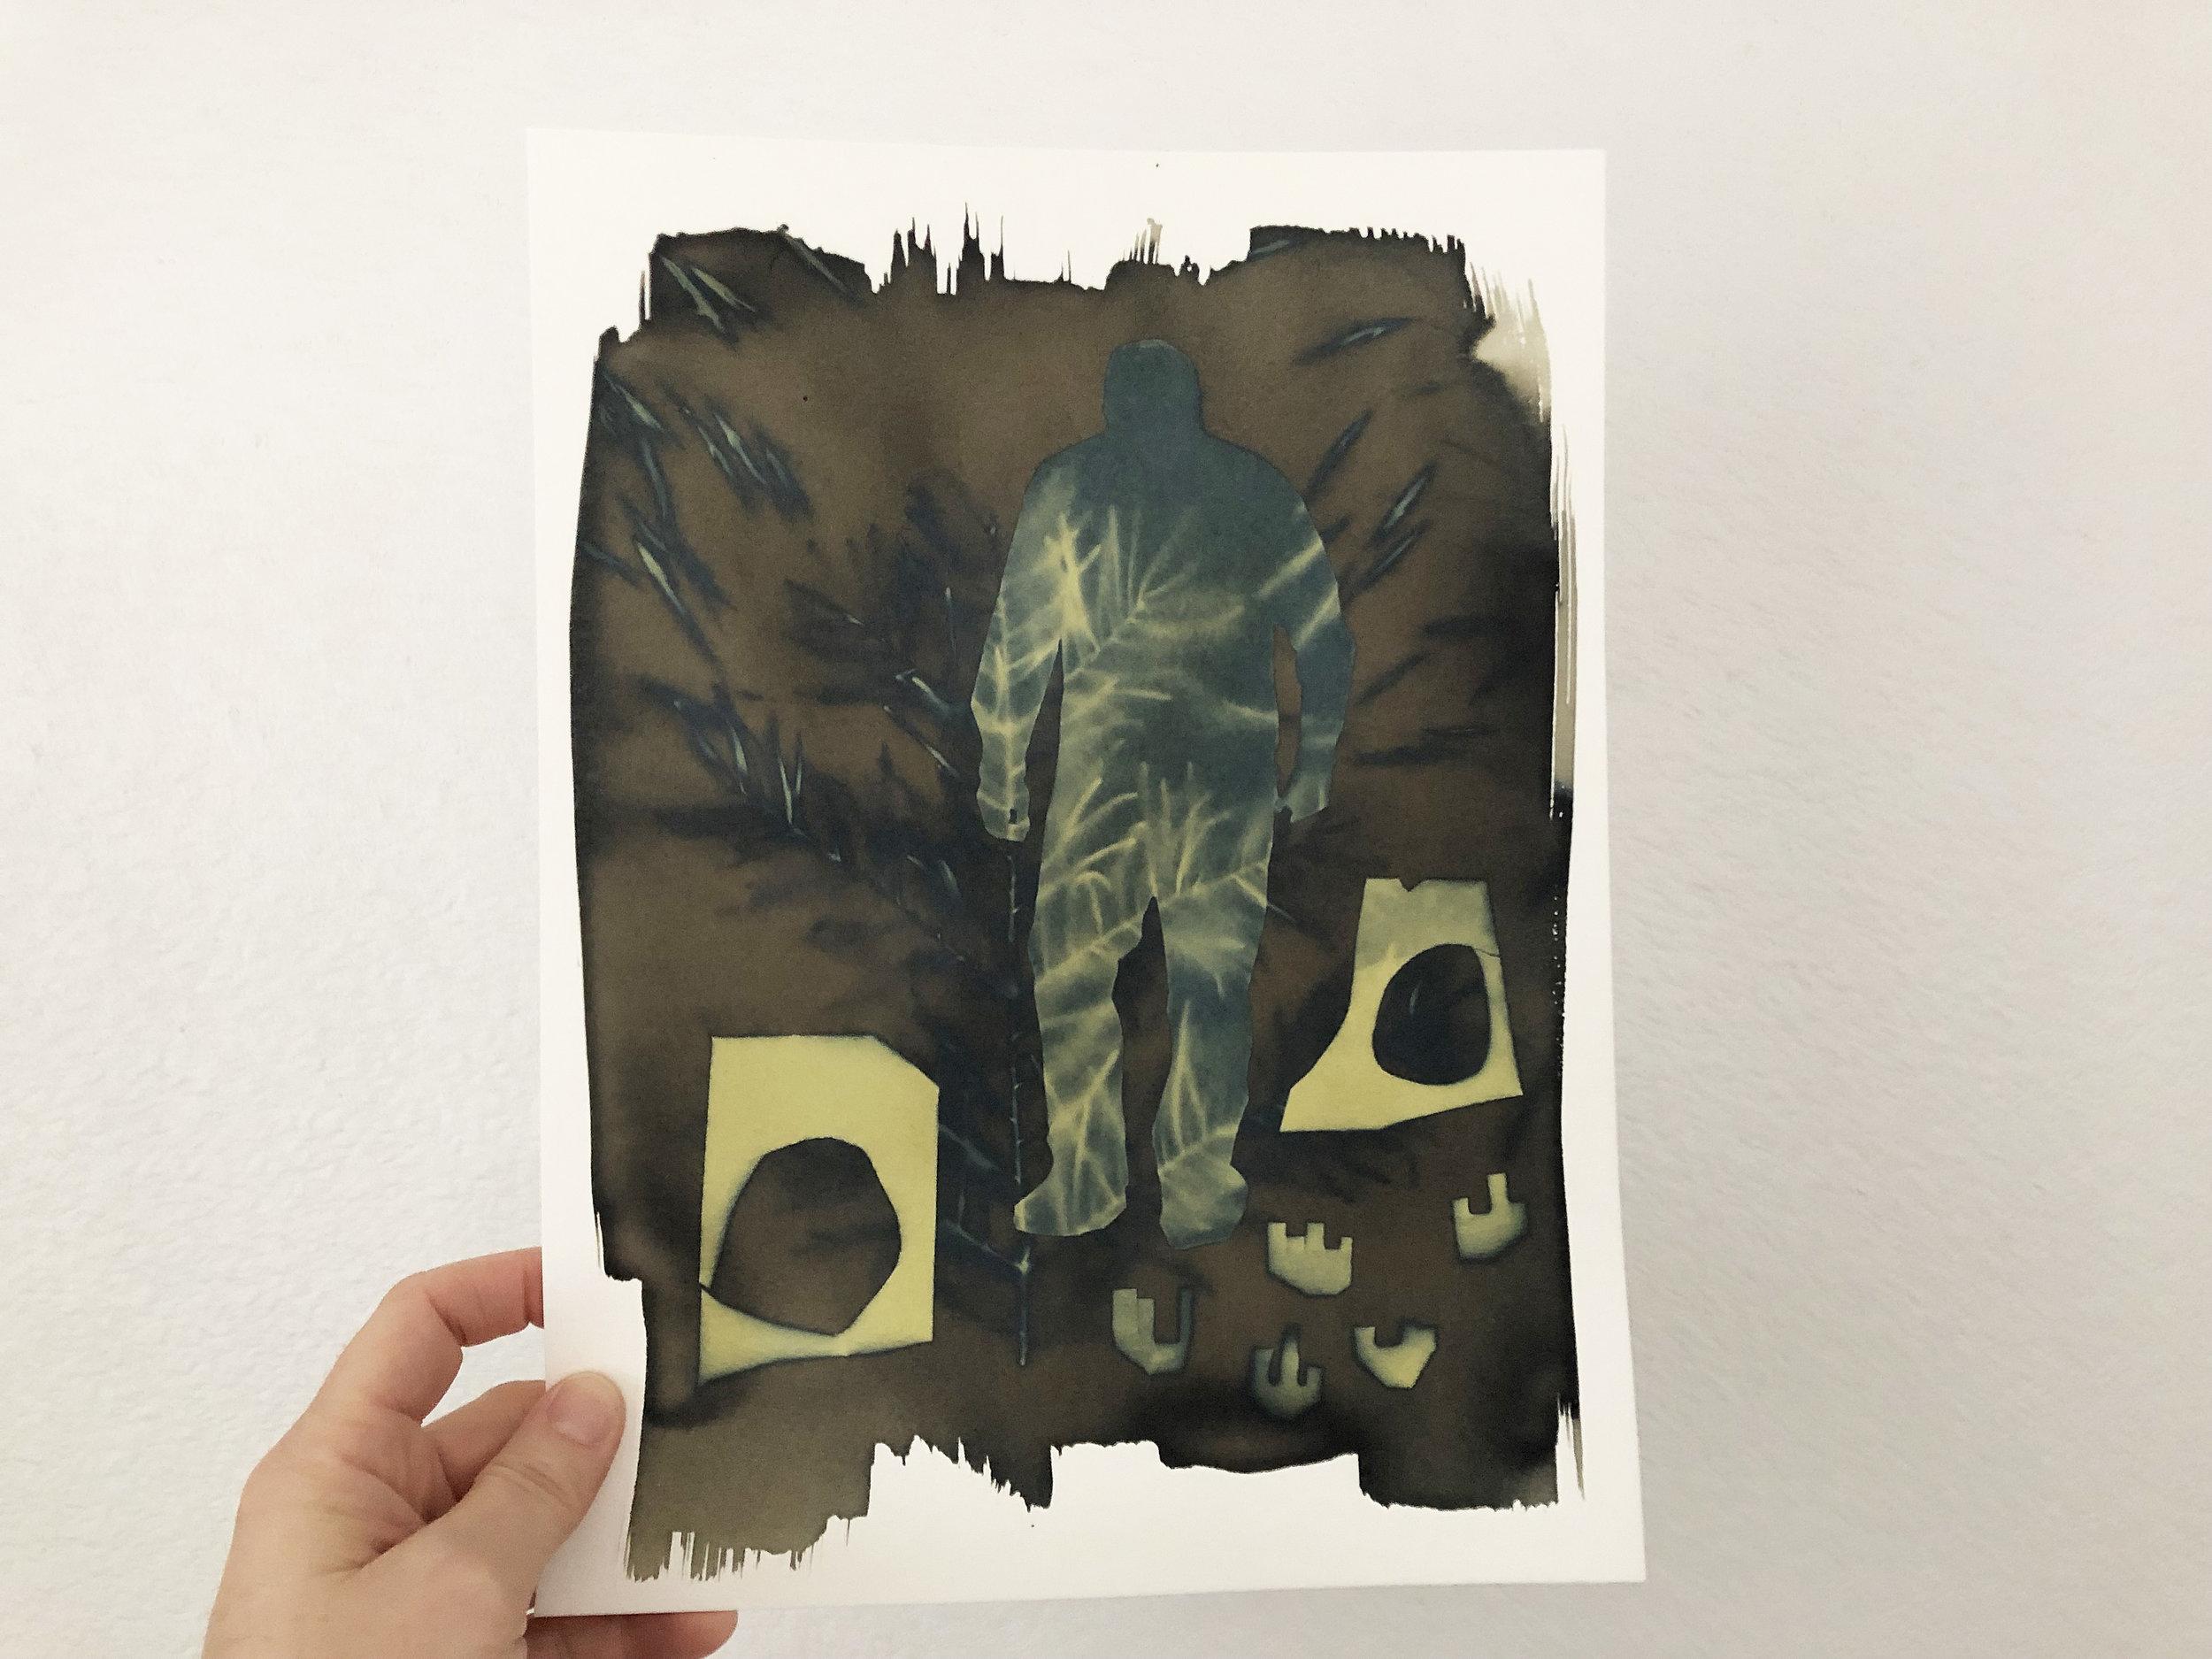 exposed cyanotype print